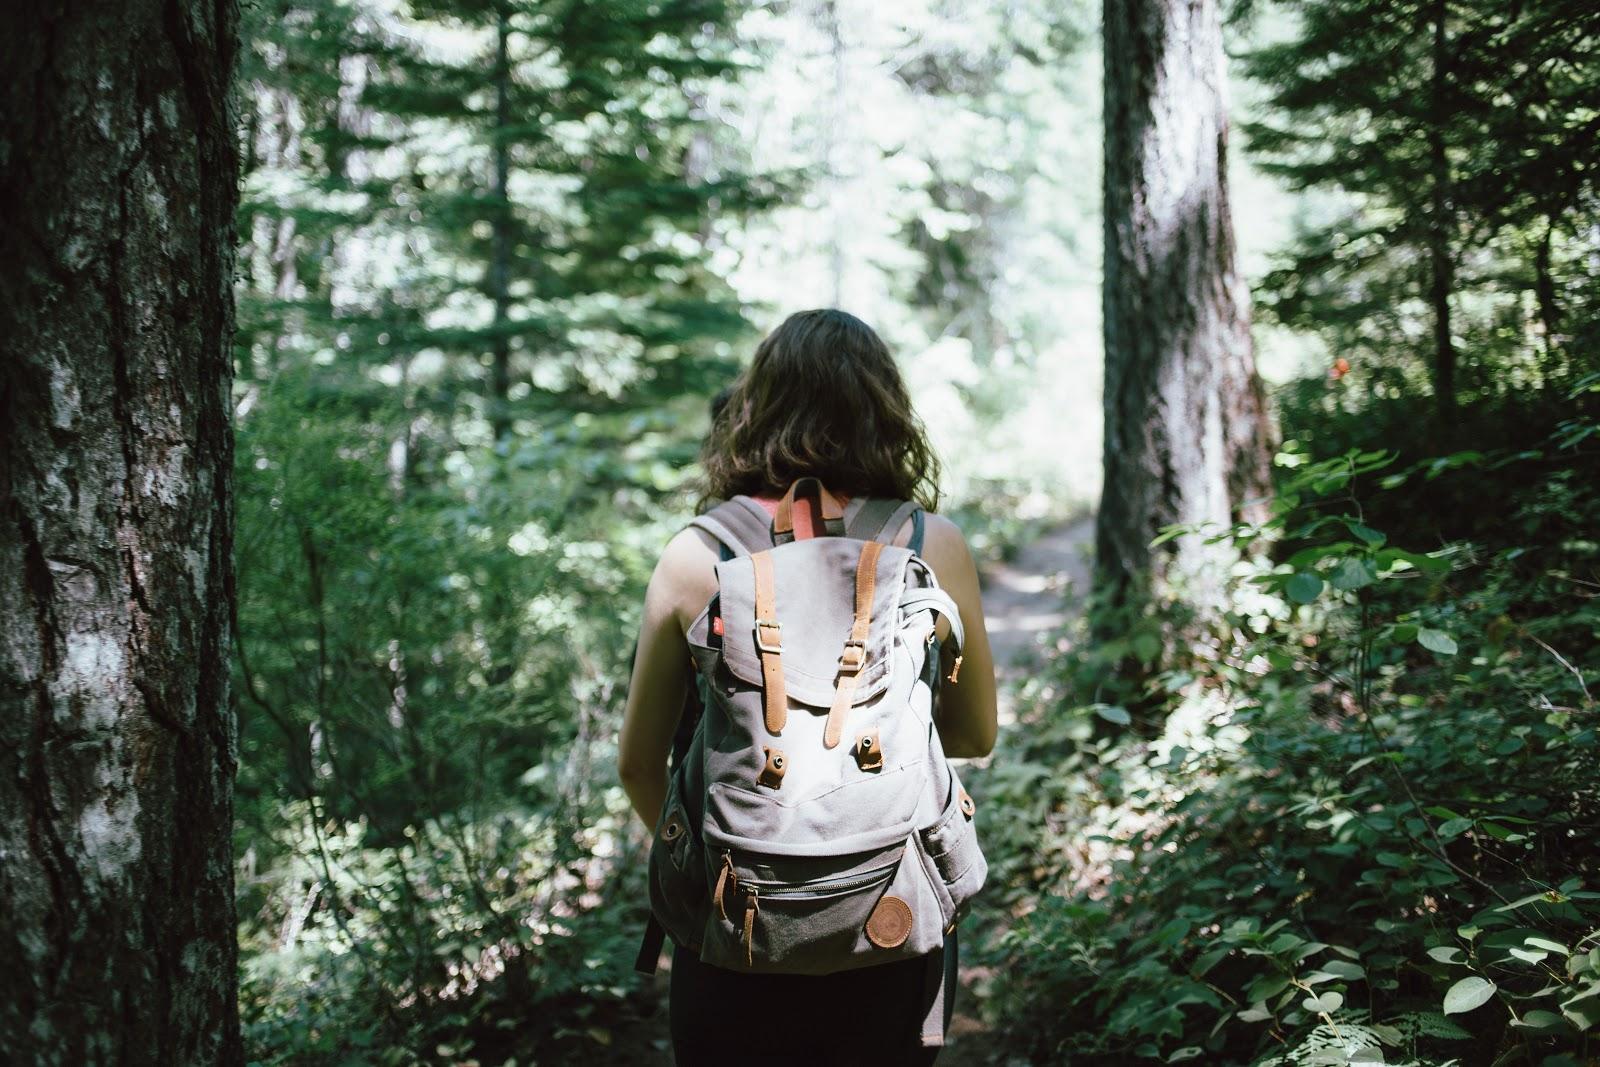 žena v přírodě s batohem